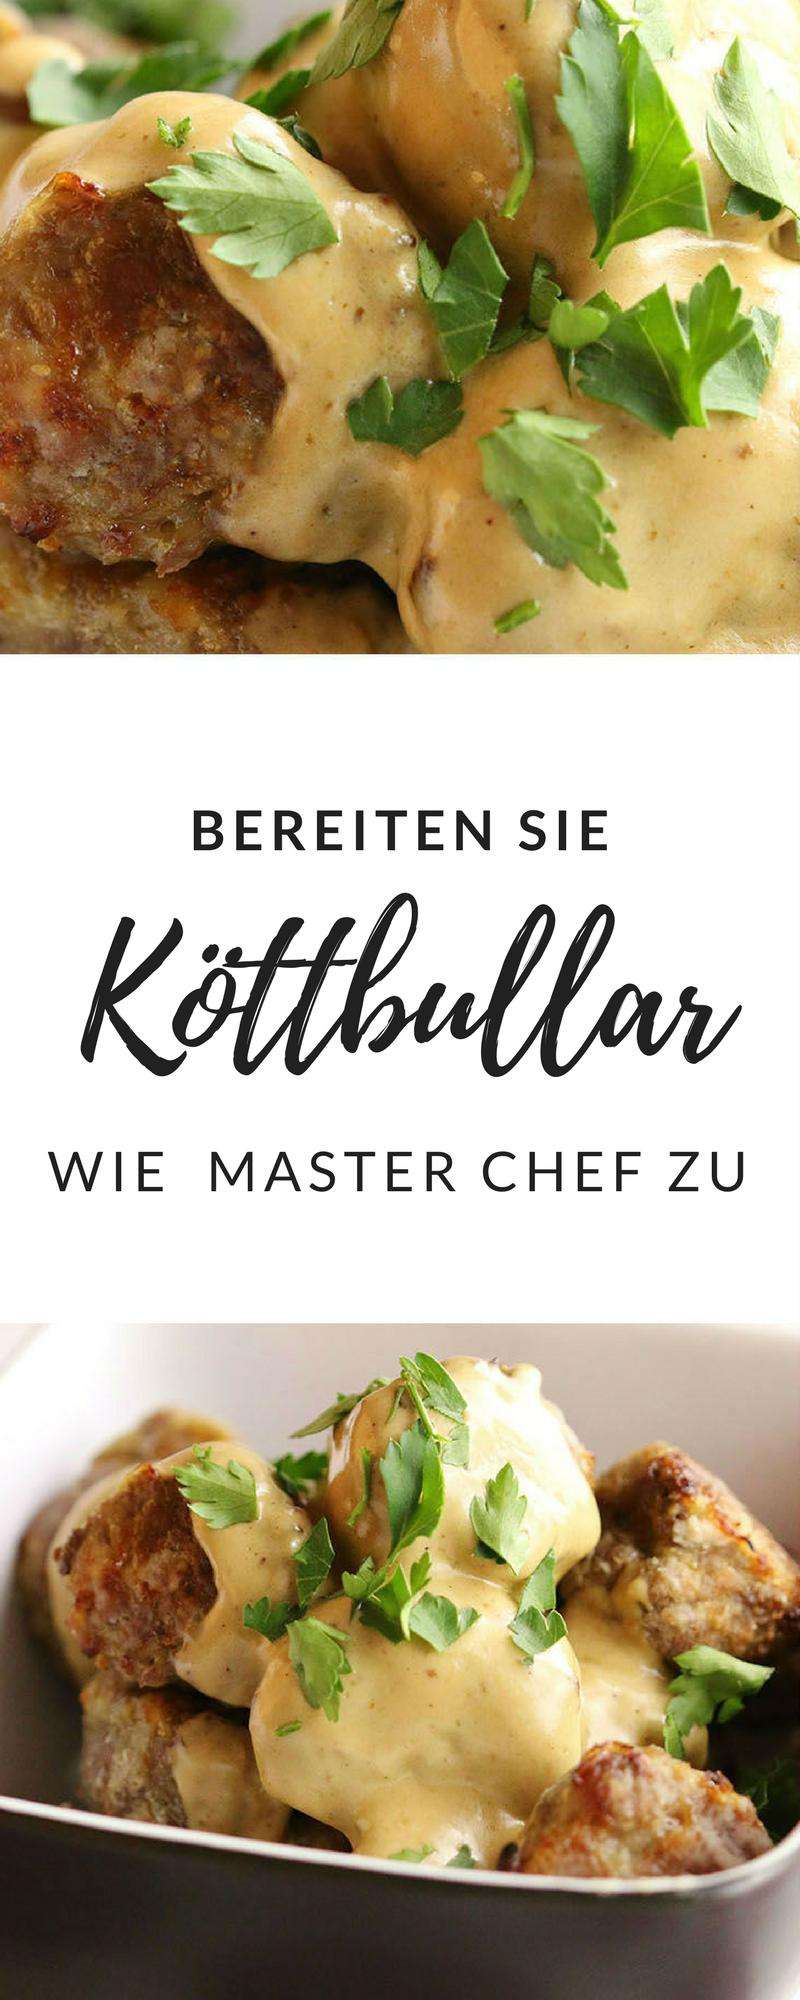 Das Rezept für Köttbullar von Master Chef